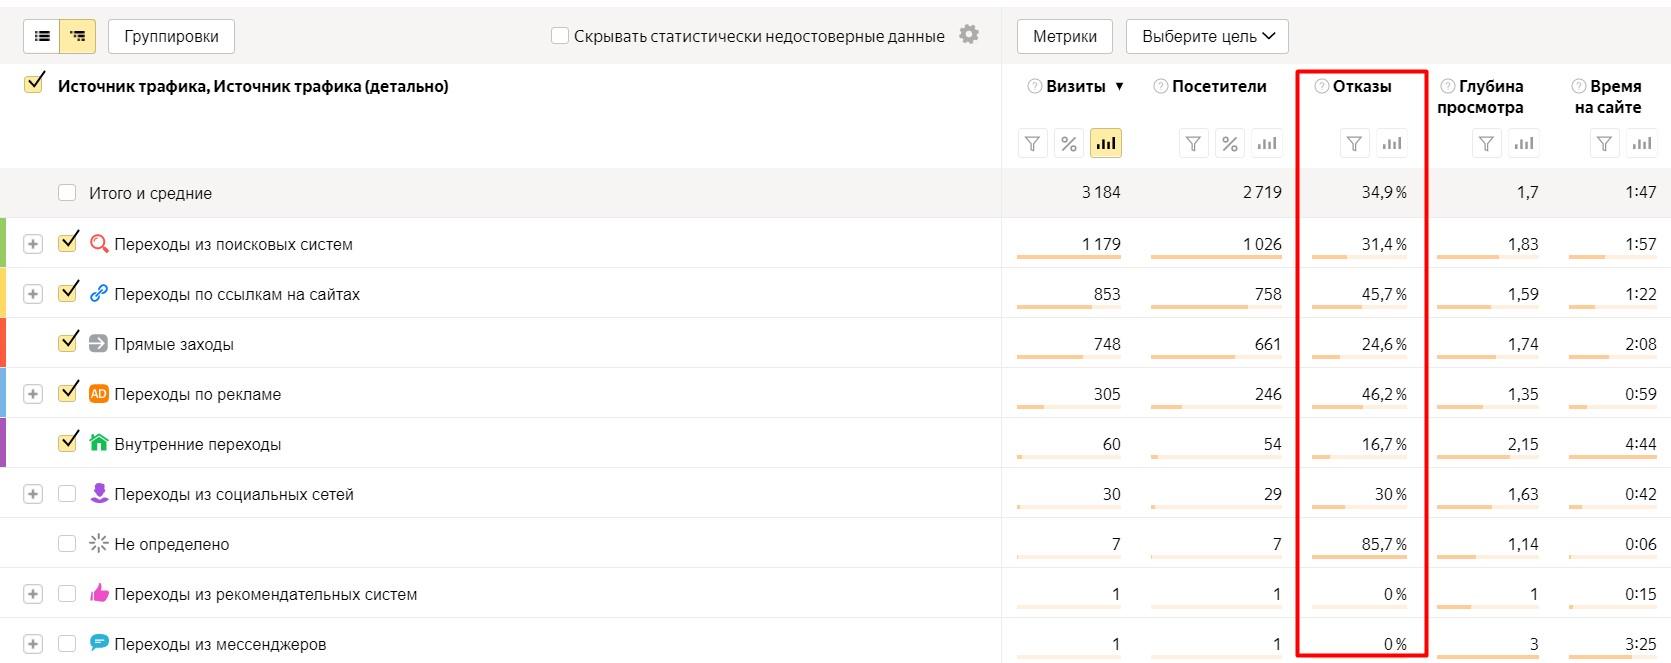 Яндекс.Метрика где смотреть отказы